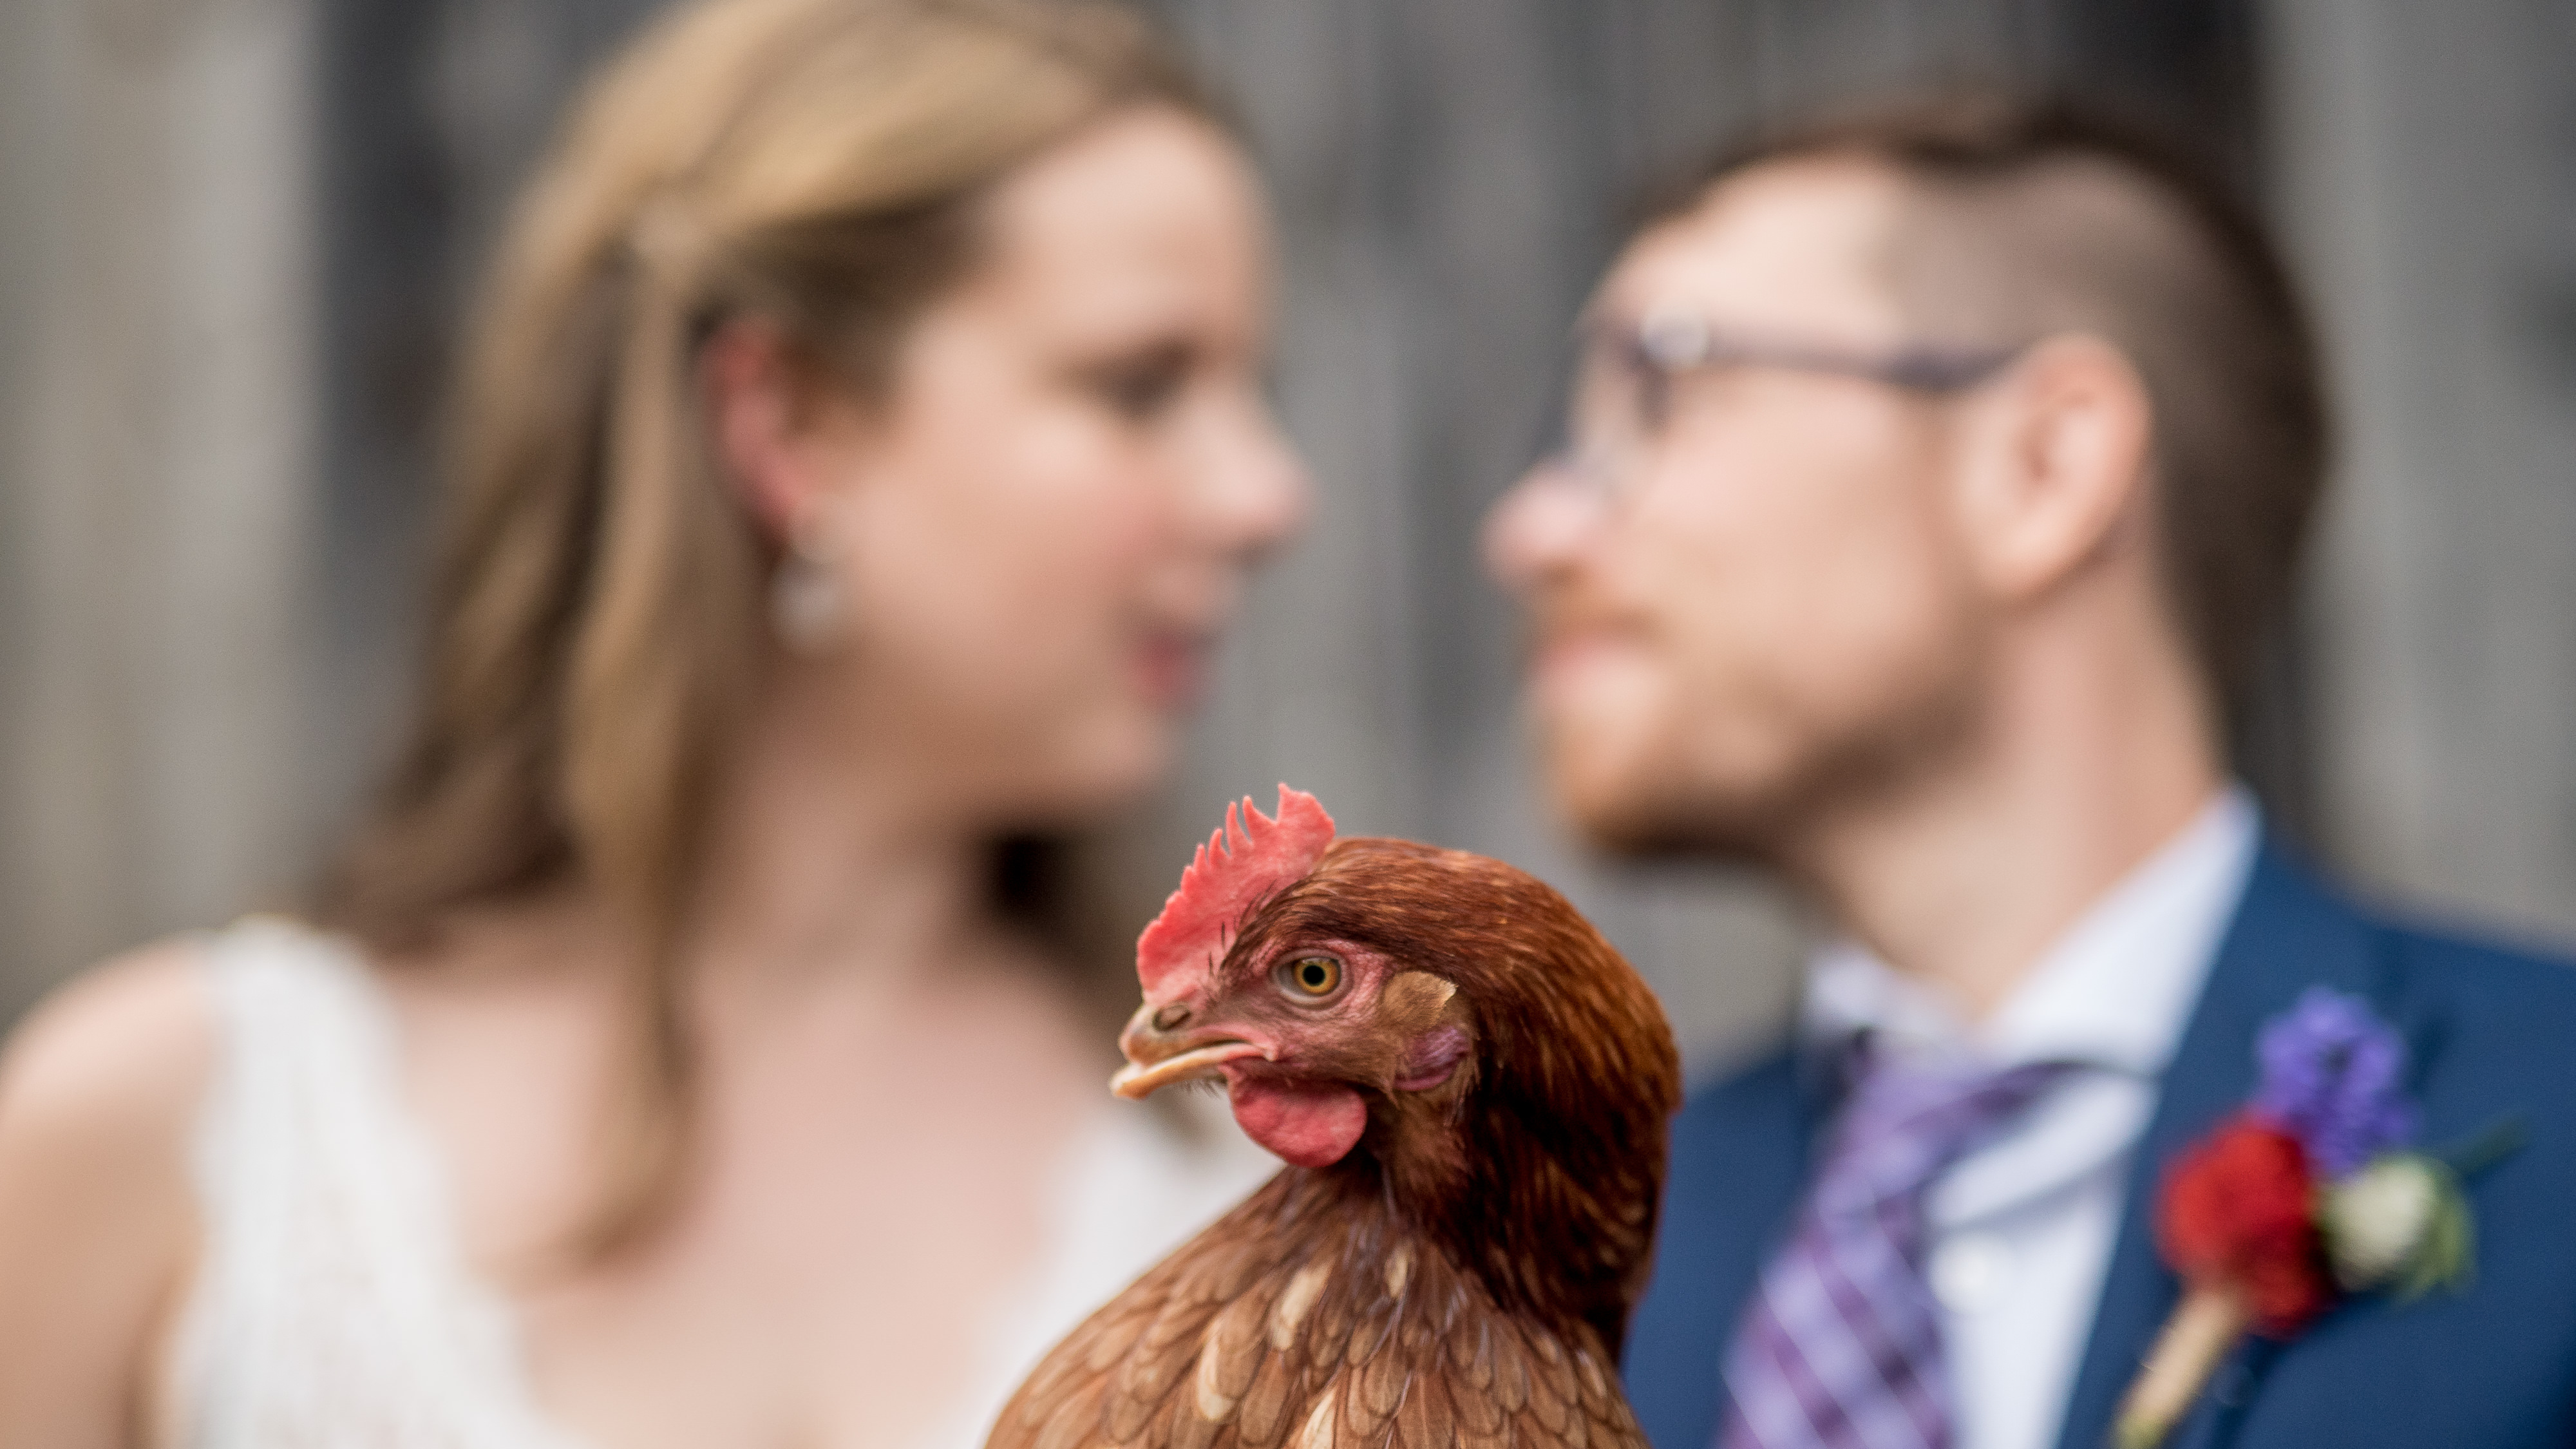 Hilarious chicken farm wedding photos